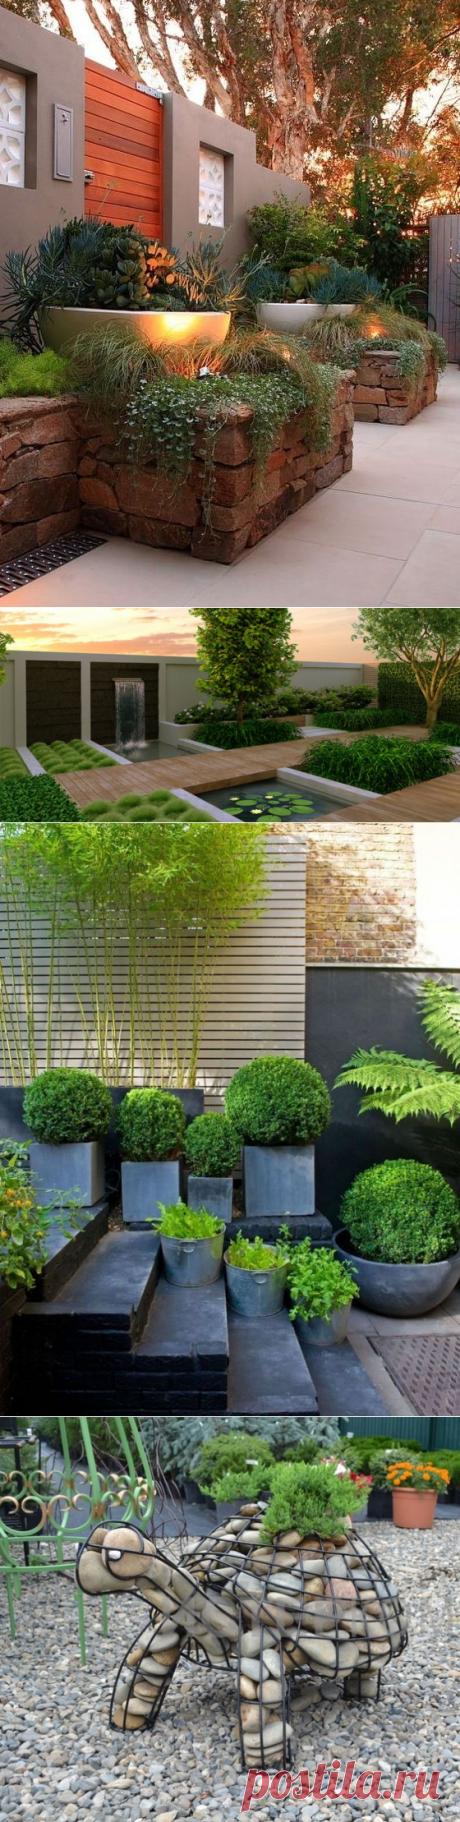 Стиль хай-тек в ландшафтном дизайне ⋆ DomaStroika.com